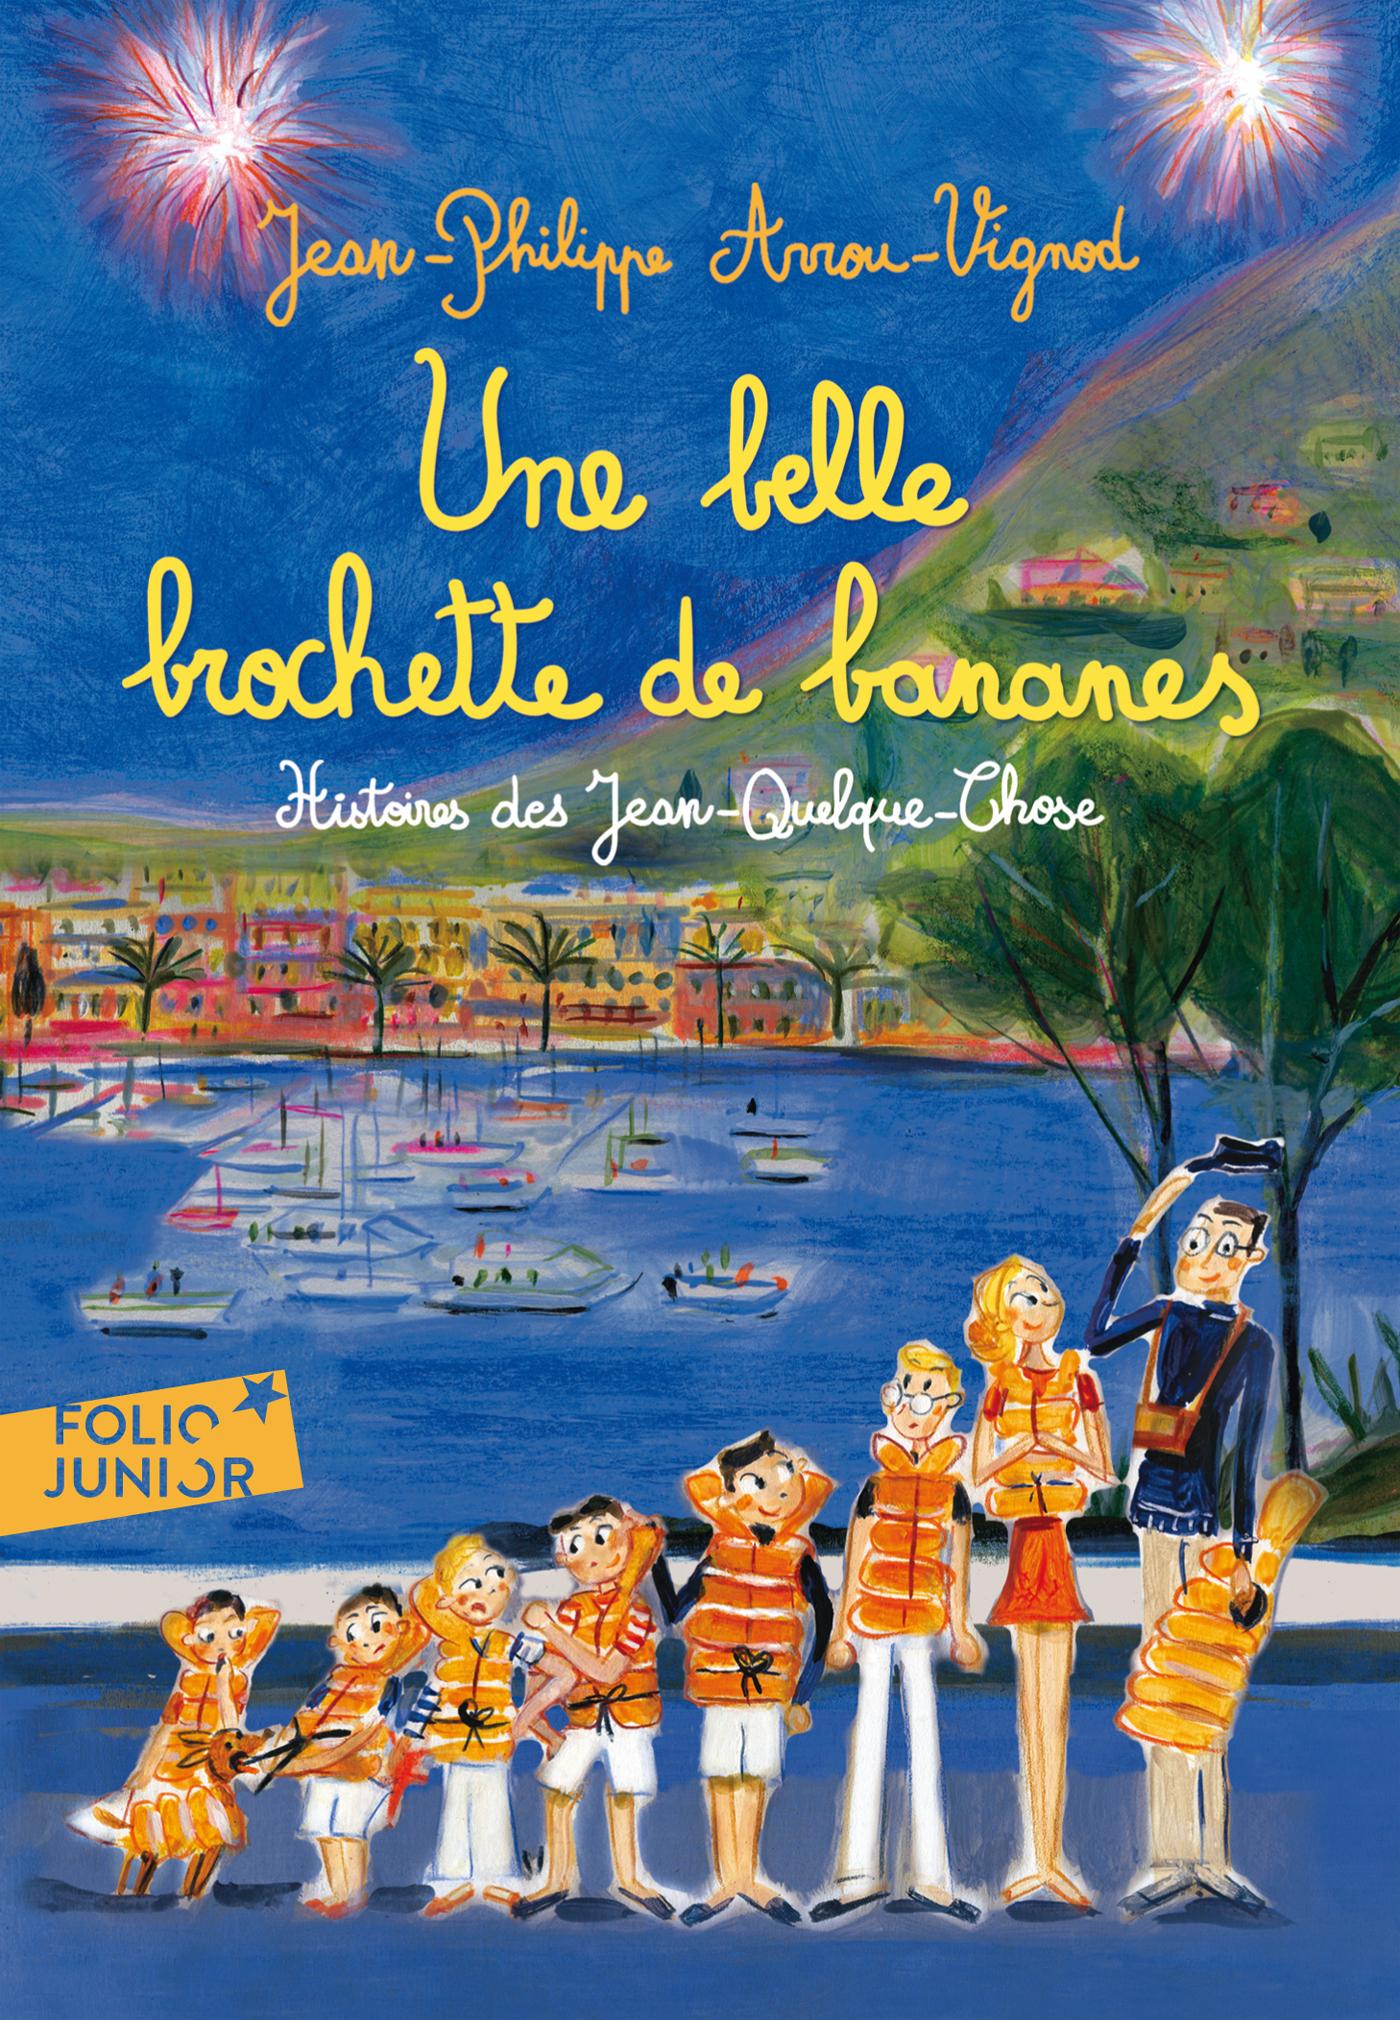 Une belle brochette de bananes. Histoires des Jean-Quelque-Chose | Corbasson, Dominique